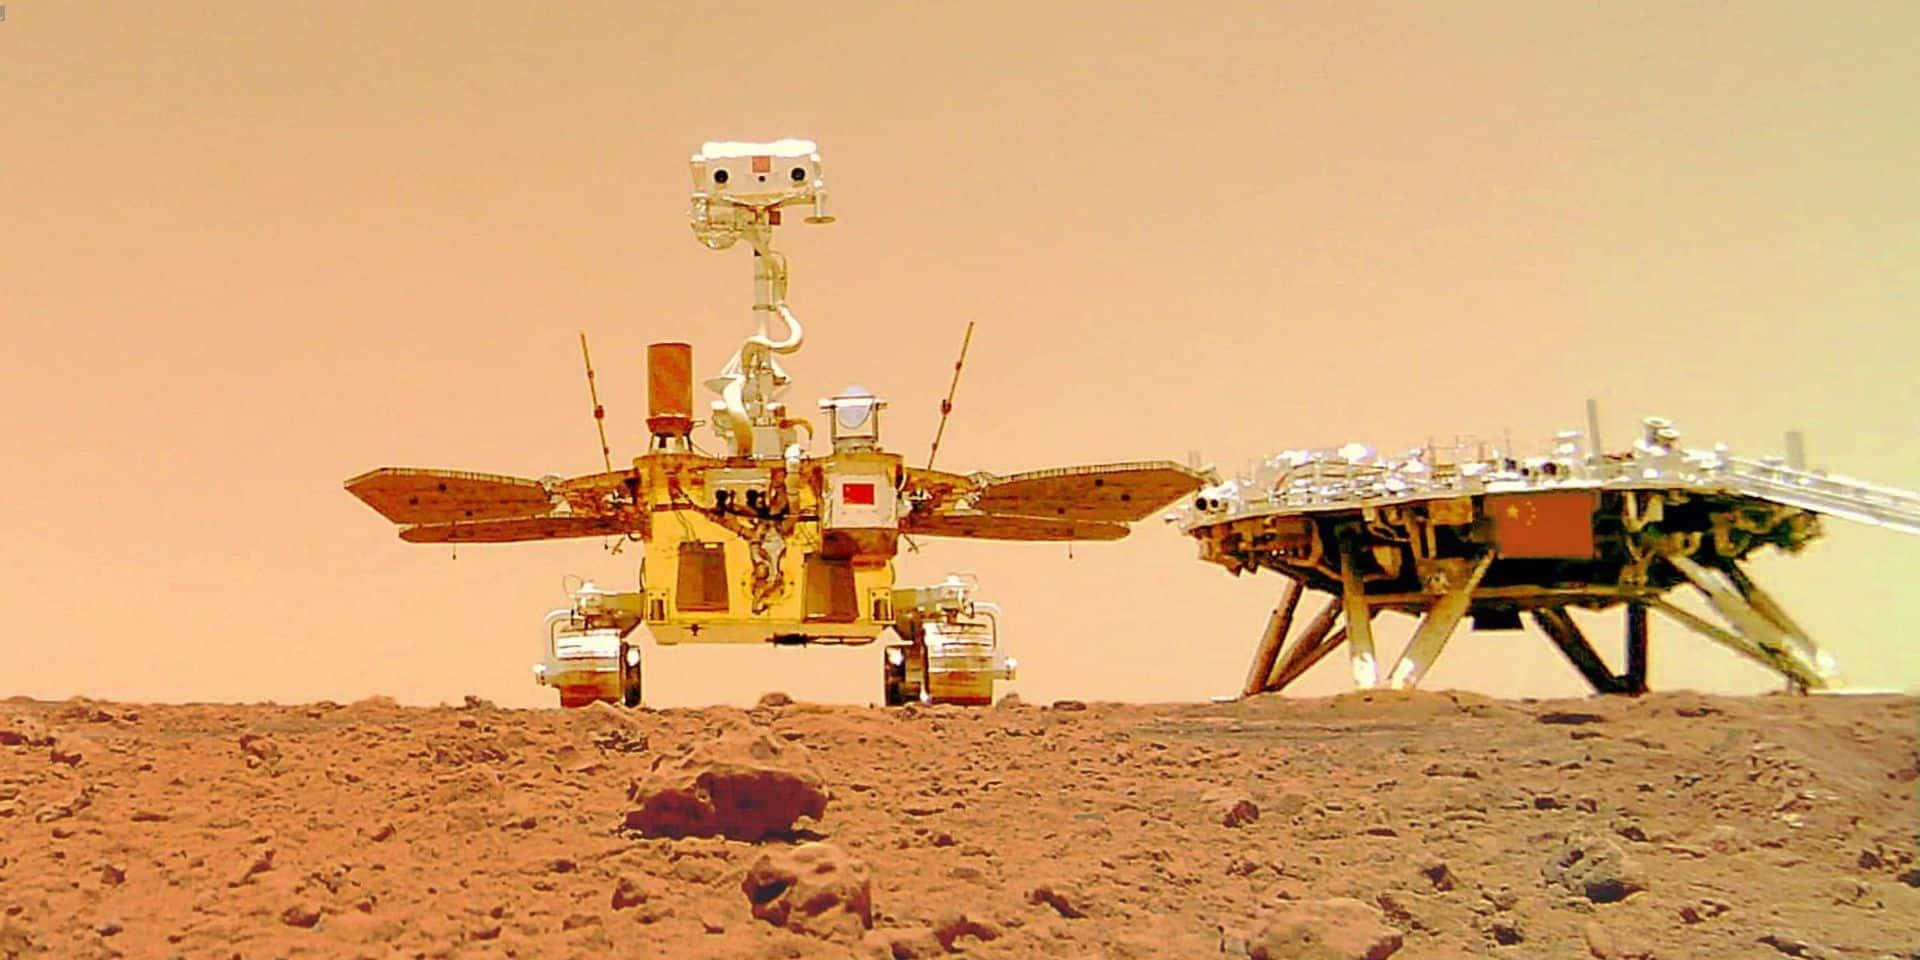 La Chine veut envoyer une mission spatiale habitée sur Mars en 2033